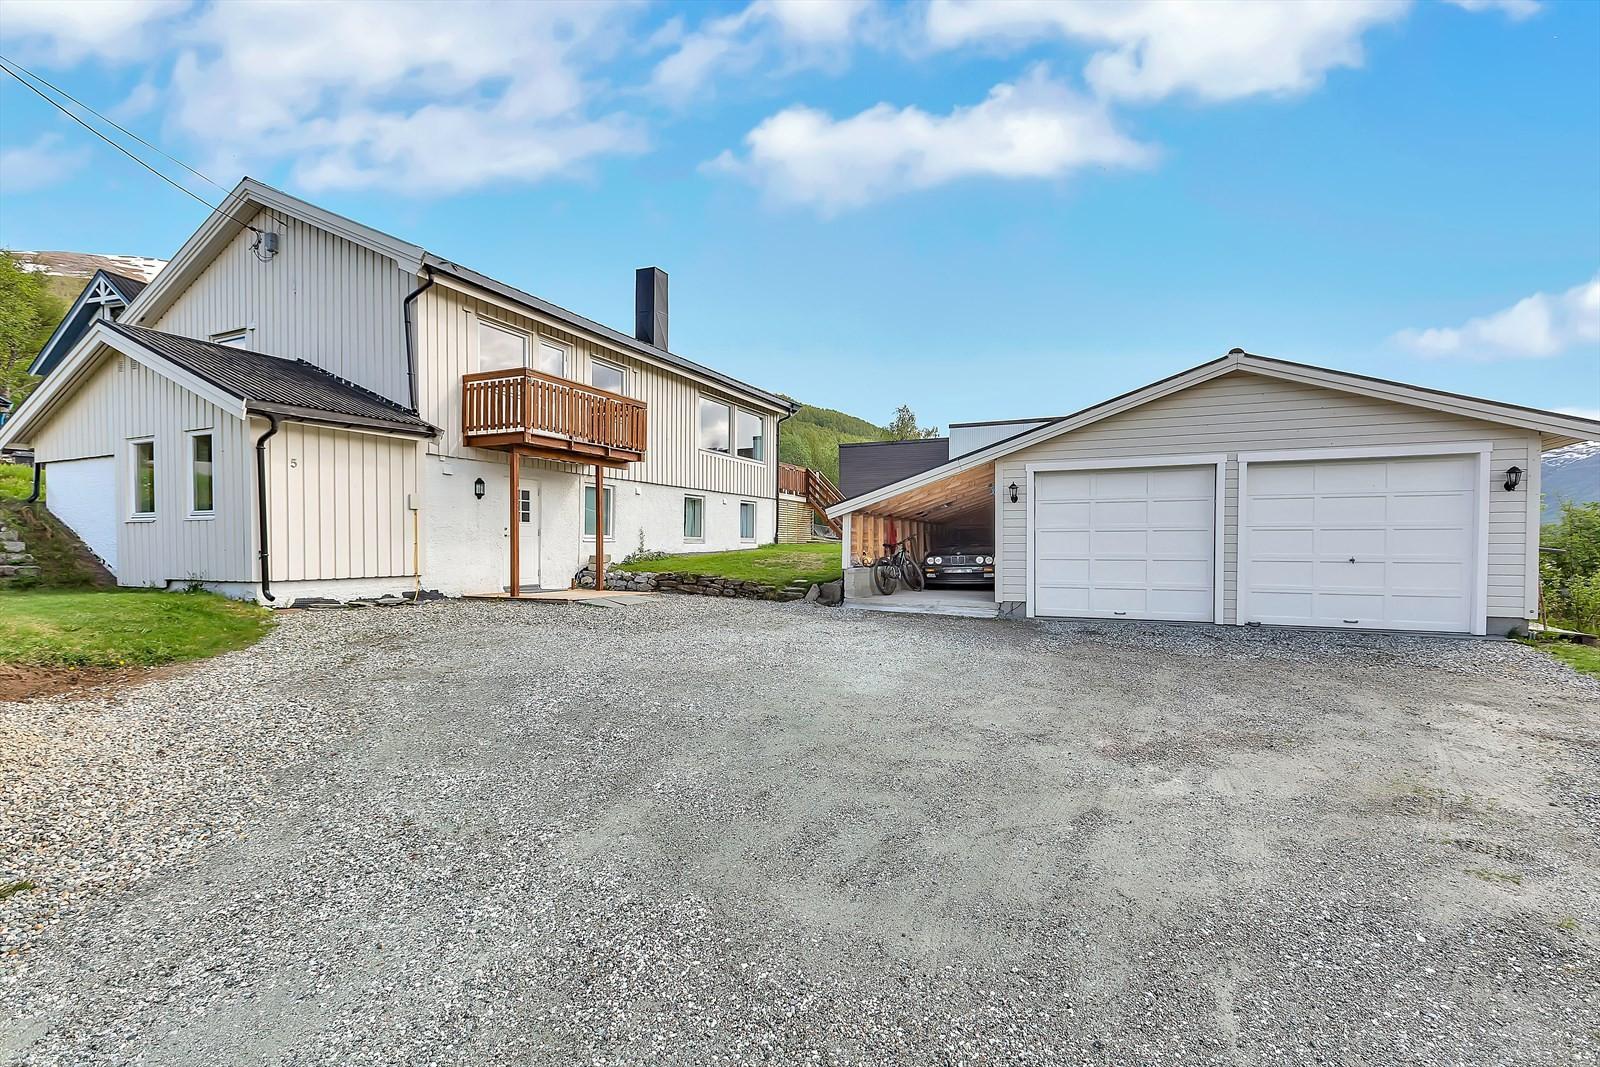 Stor garasje og carport samt stor innkjørsel